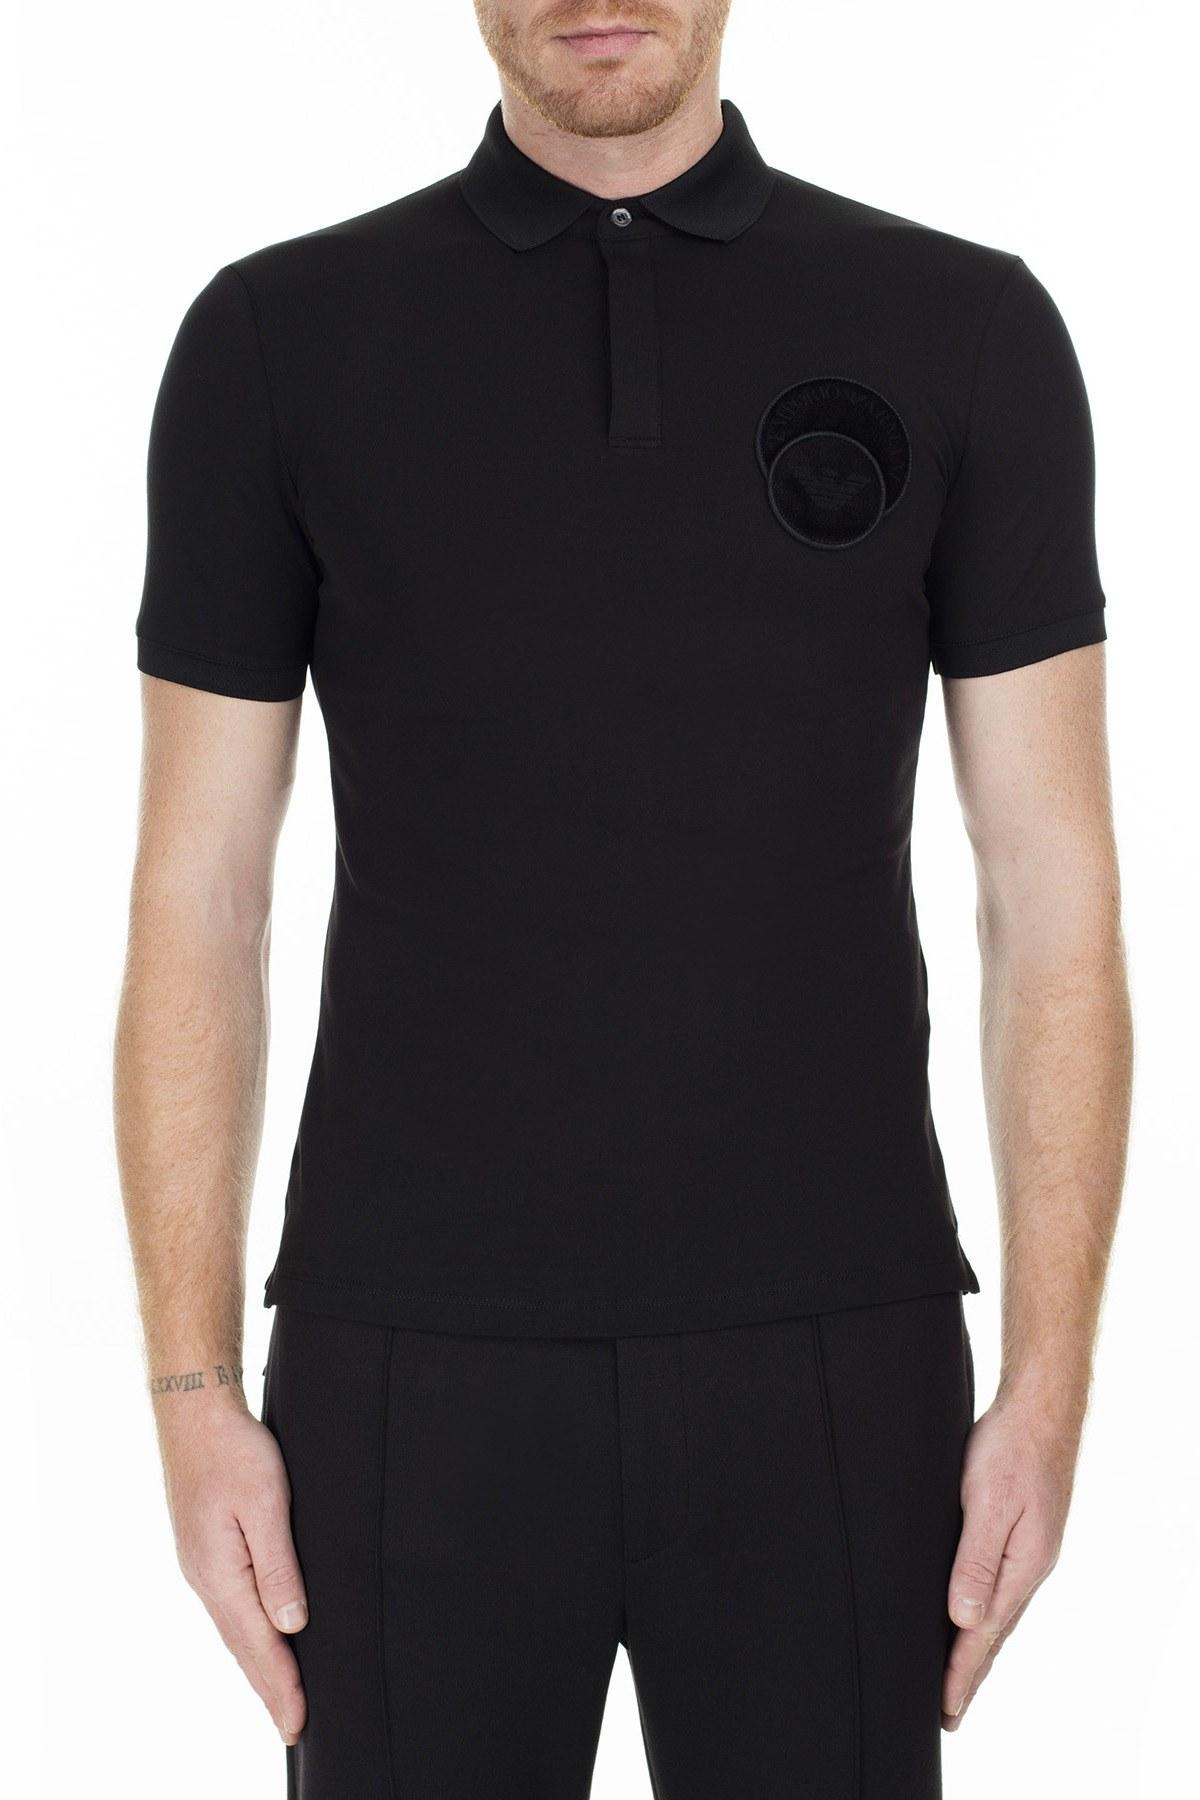 Emporio Armani T Shirt Erkek Polo 6G1FG2 1JPTZ 0999 SİYAH